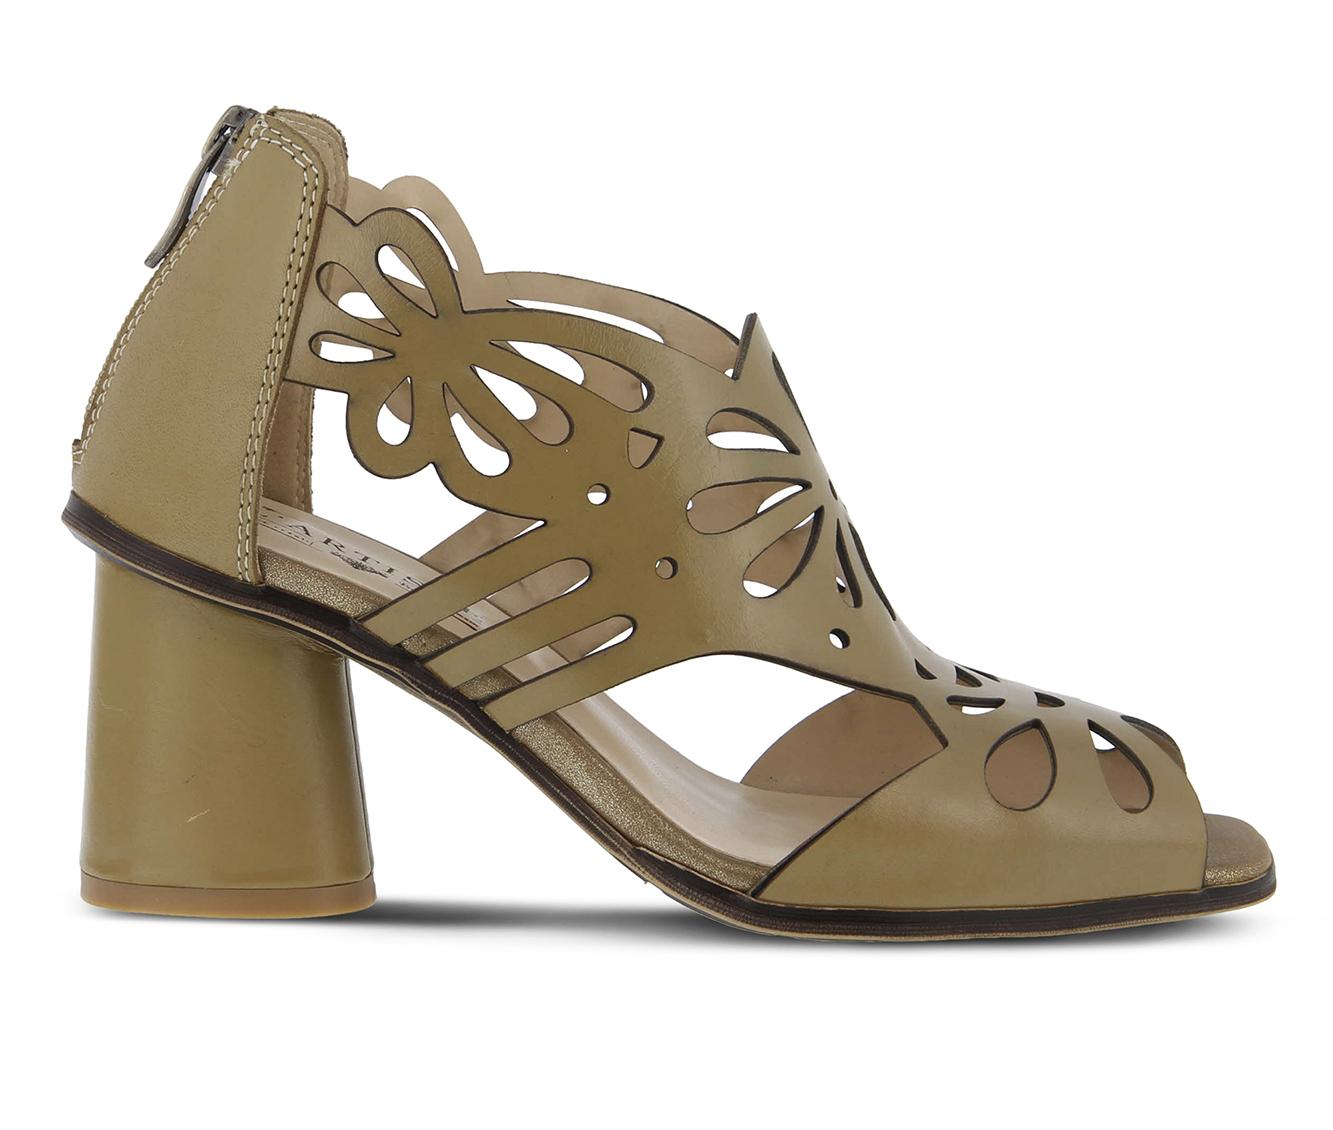 L'Artiste Flamenco Women's Dress Shoe (Beige Leather)